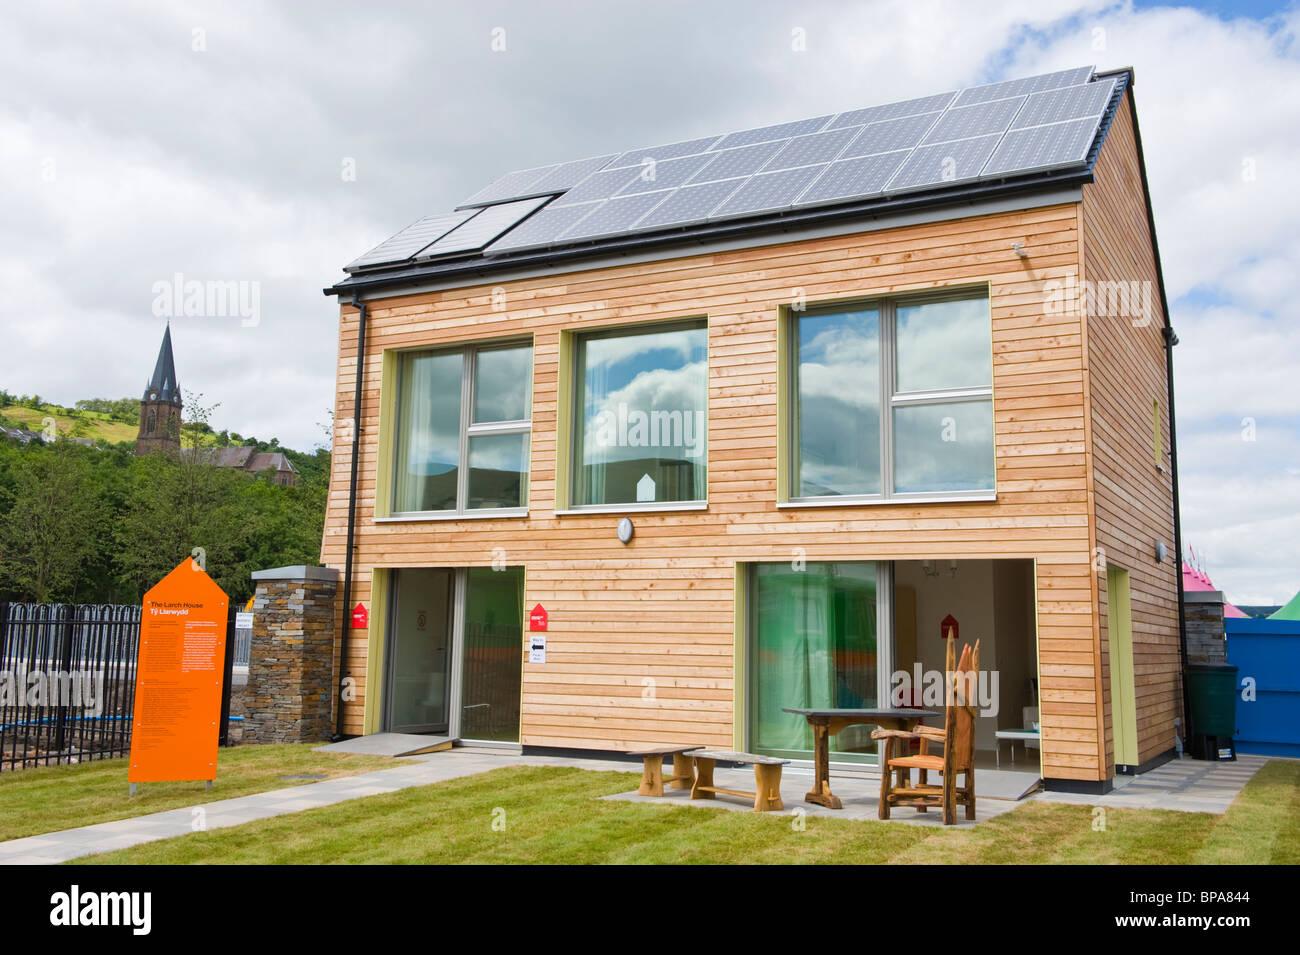 Dreifach Verglaste Fenster holz verkleidet null kohlenstoff passivhaus mit dreifach verglaste